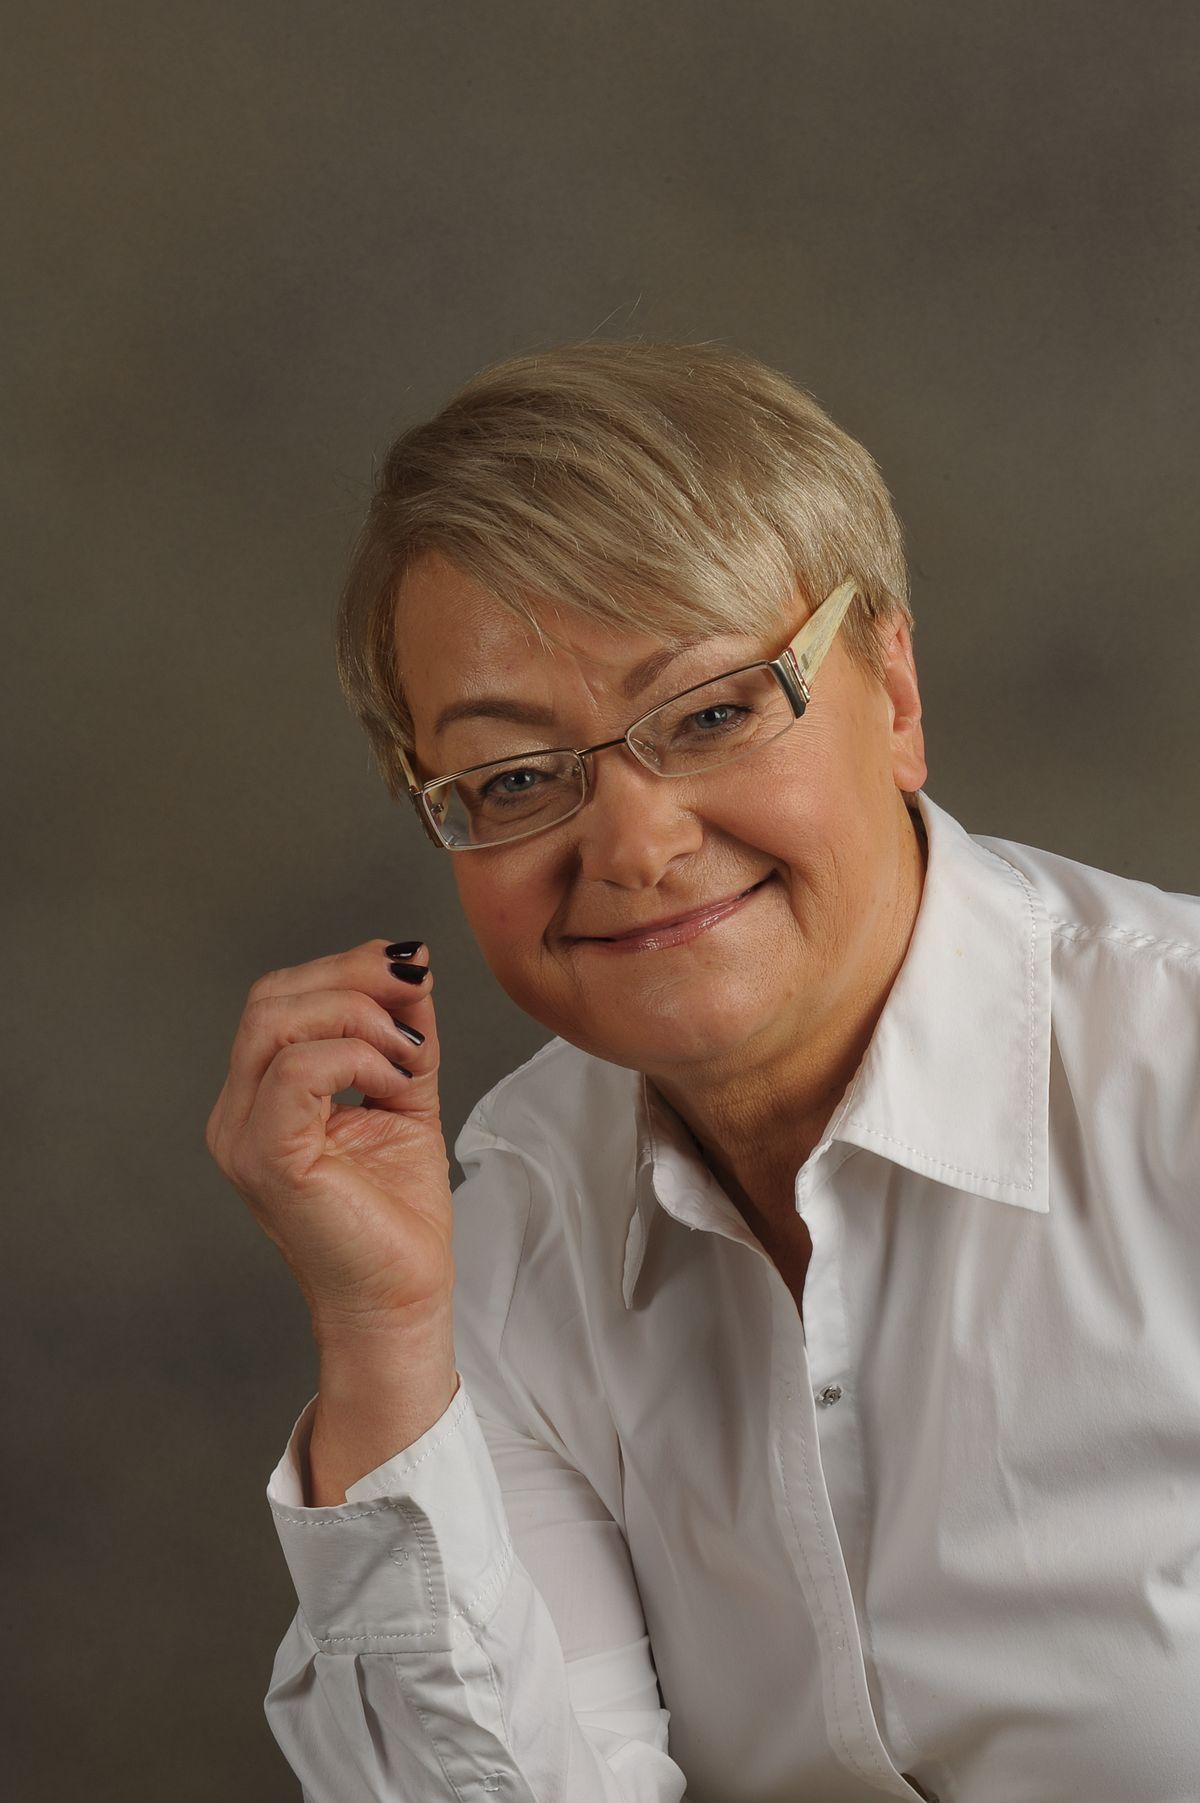 Henryka Bochniarz Wikipedia